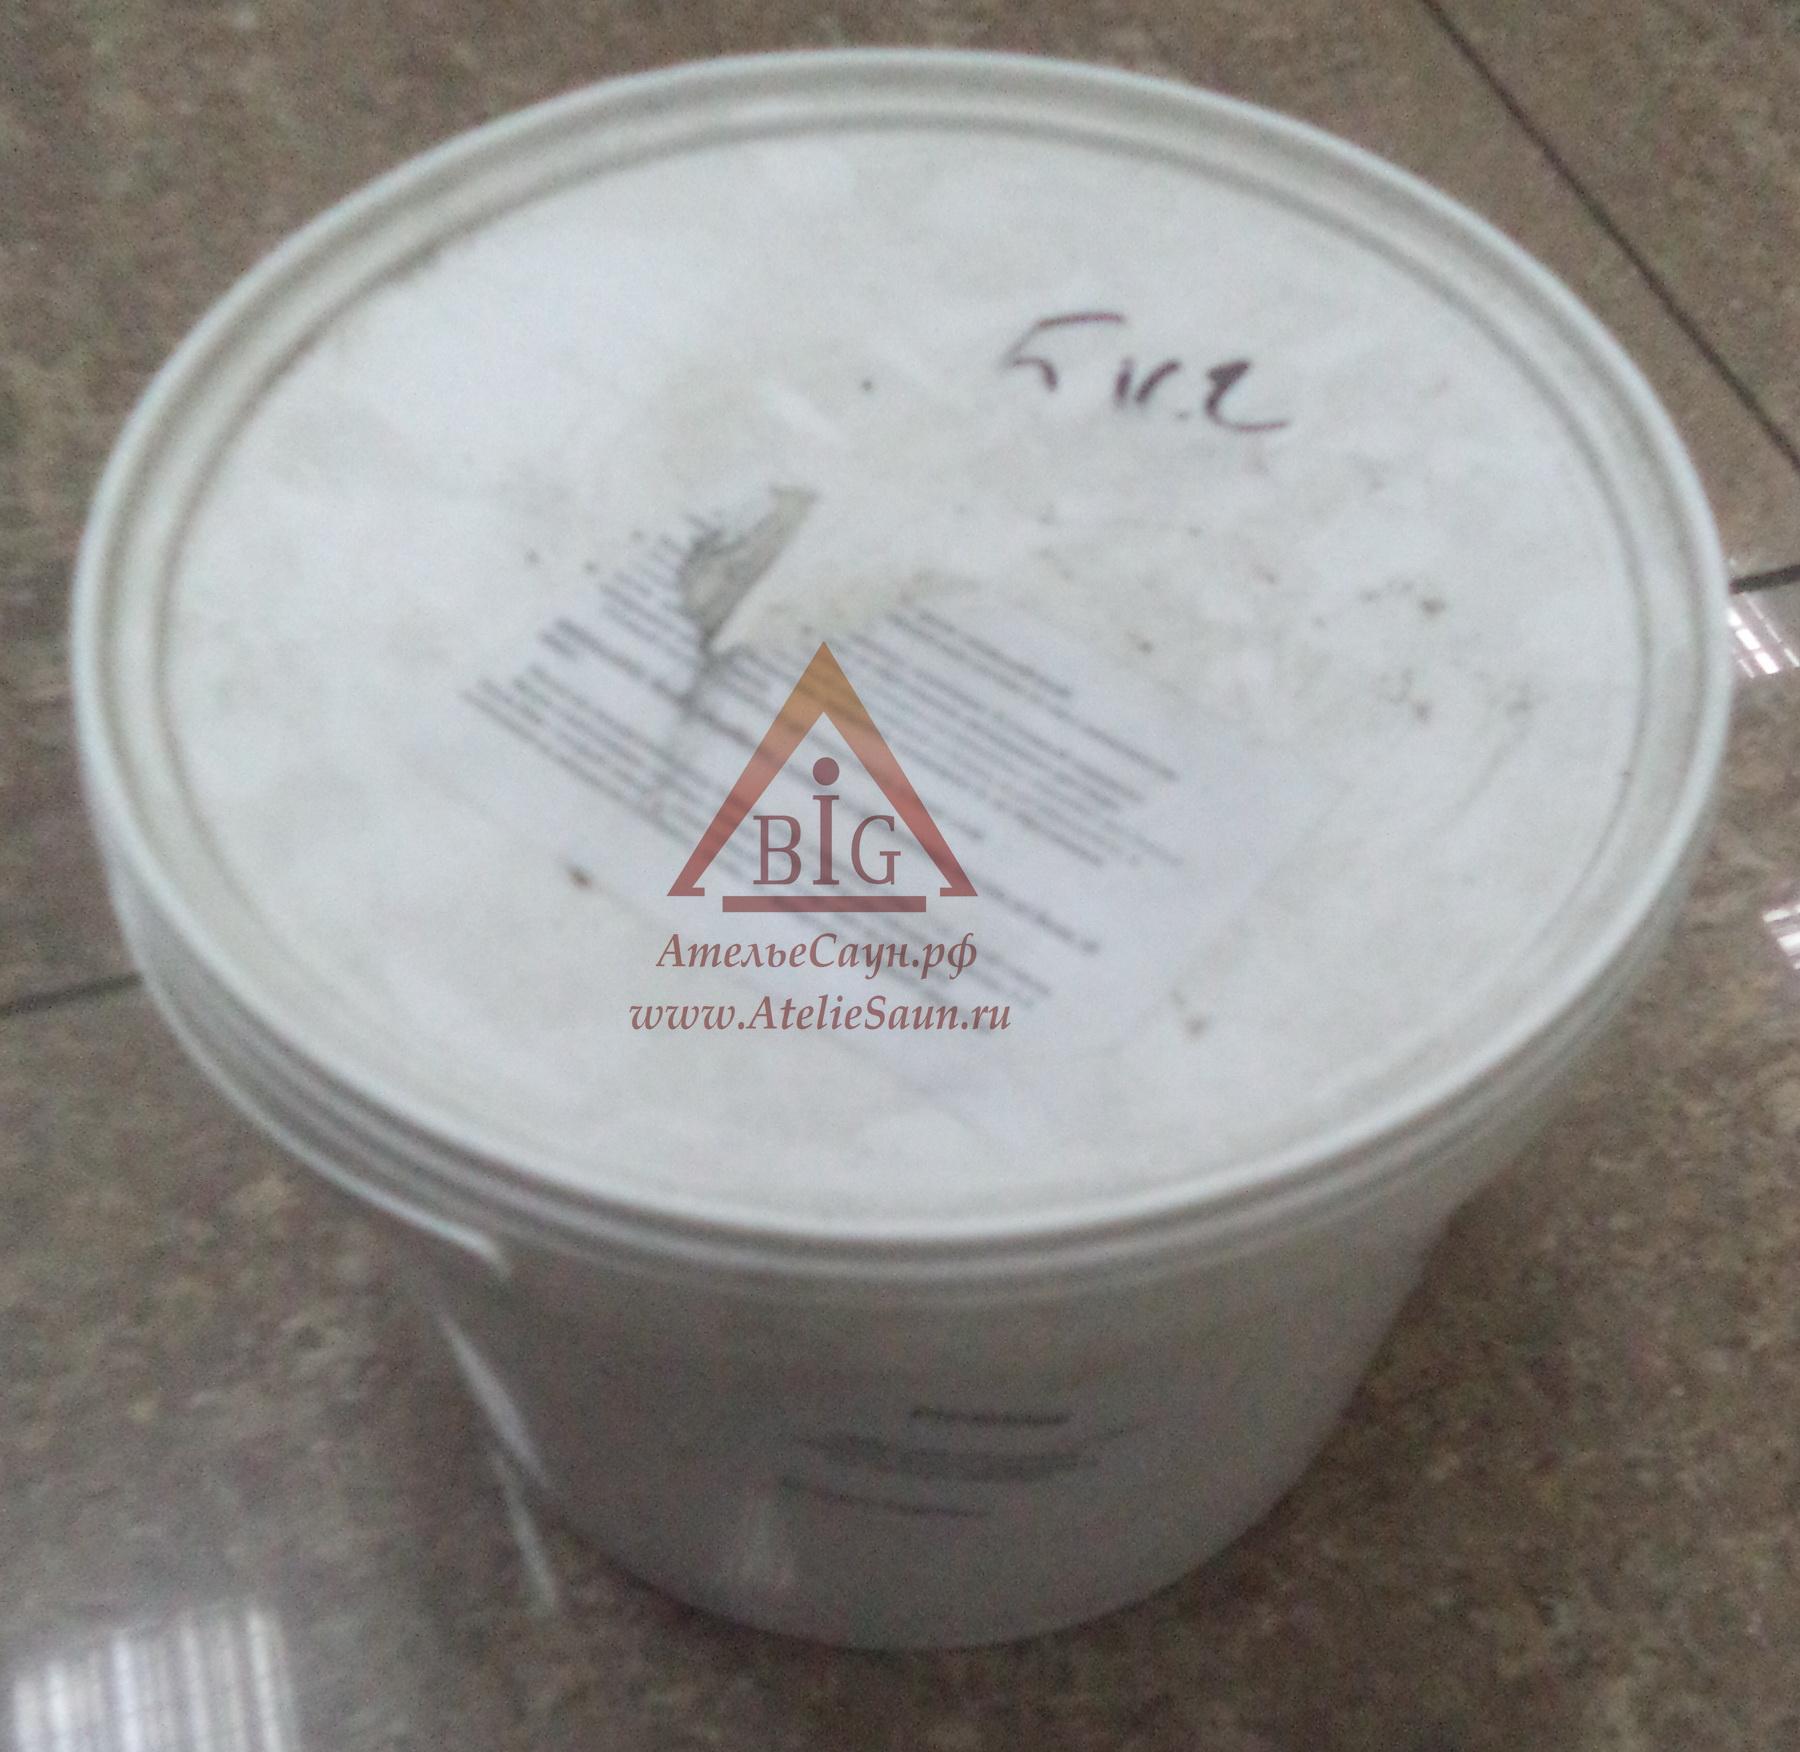 Смесь для склеивания соляных блоков (упаковка 5 кг, арт. 94907814)